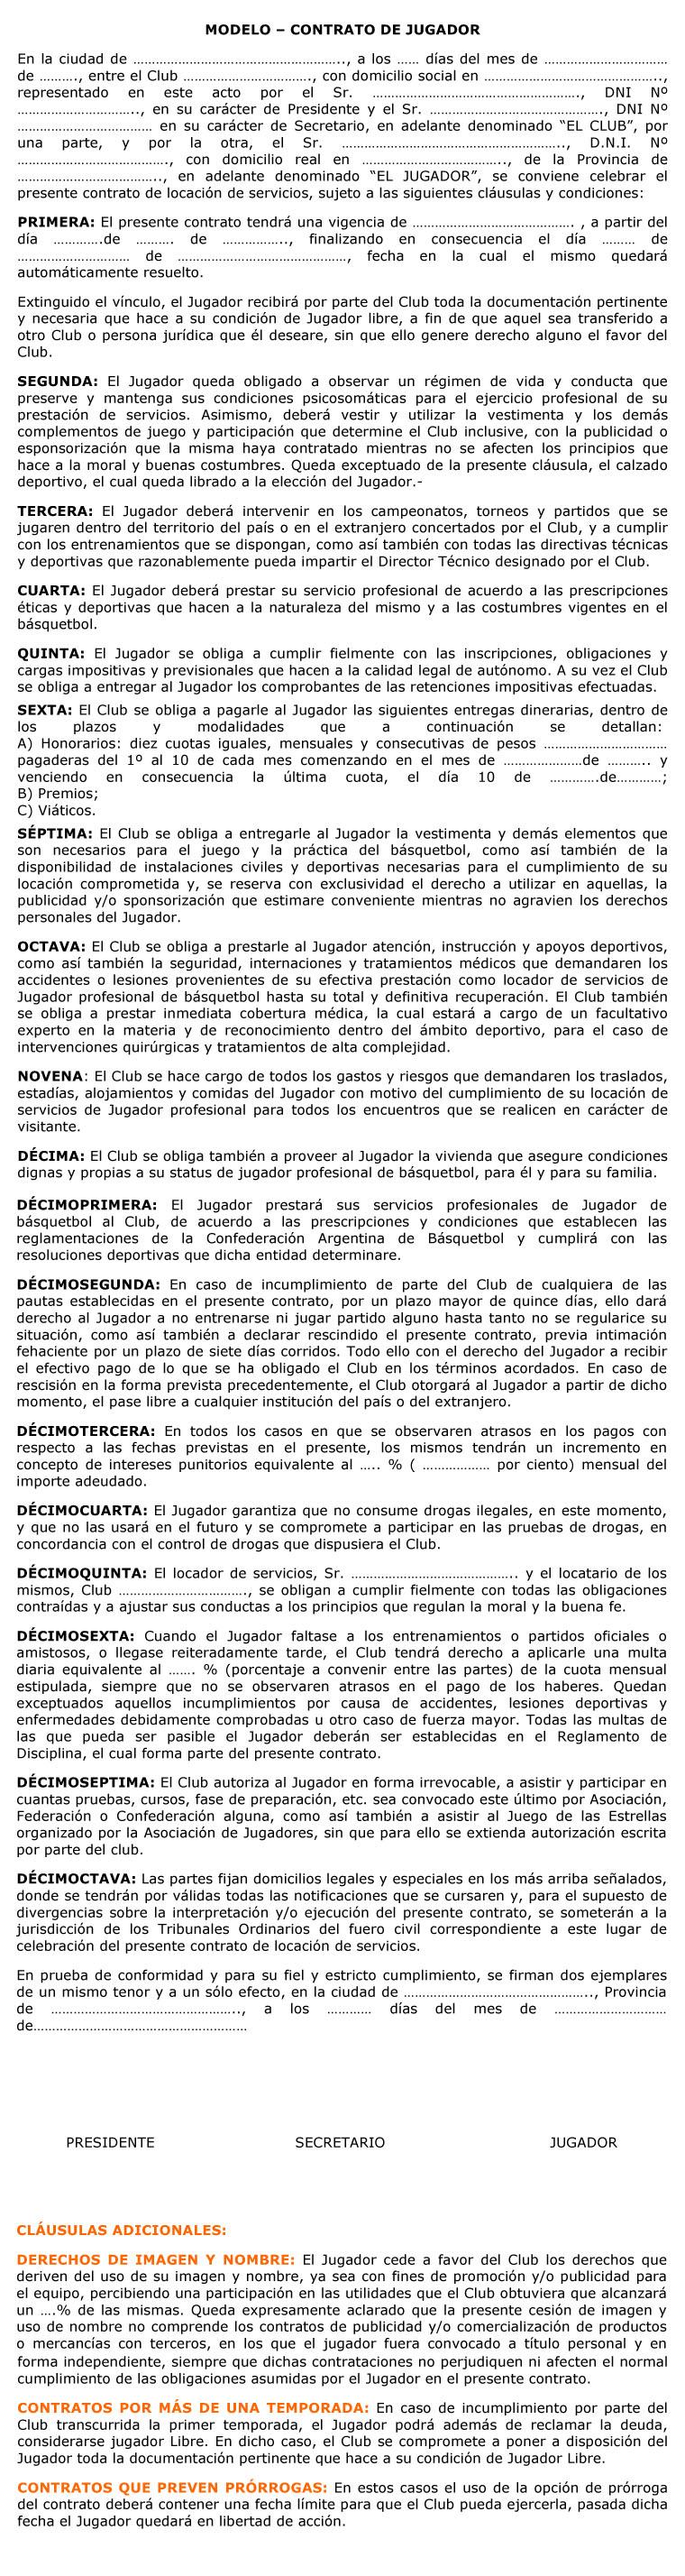 Microsoft Word - Contrato_Tipo.doc